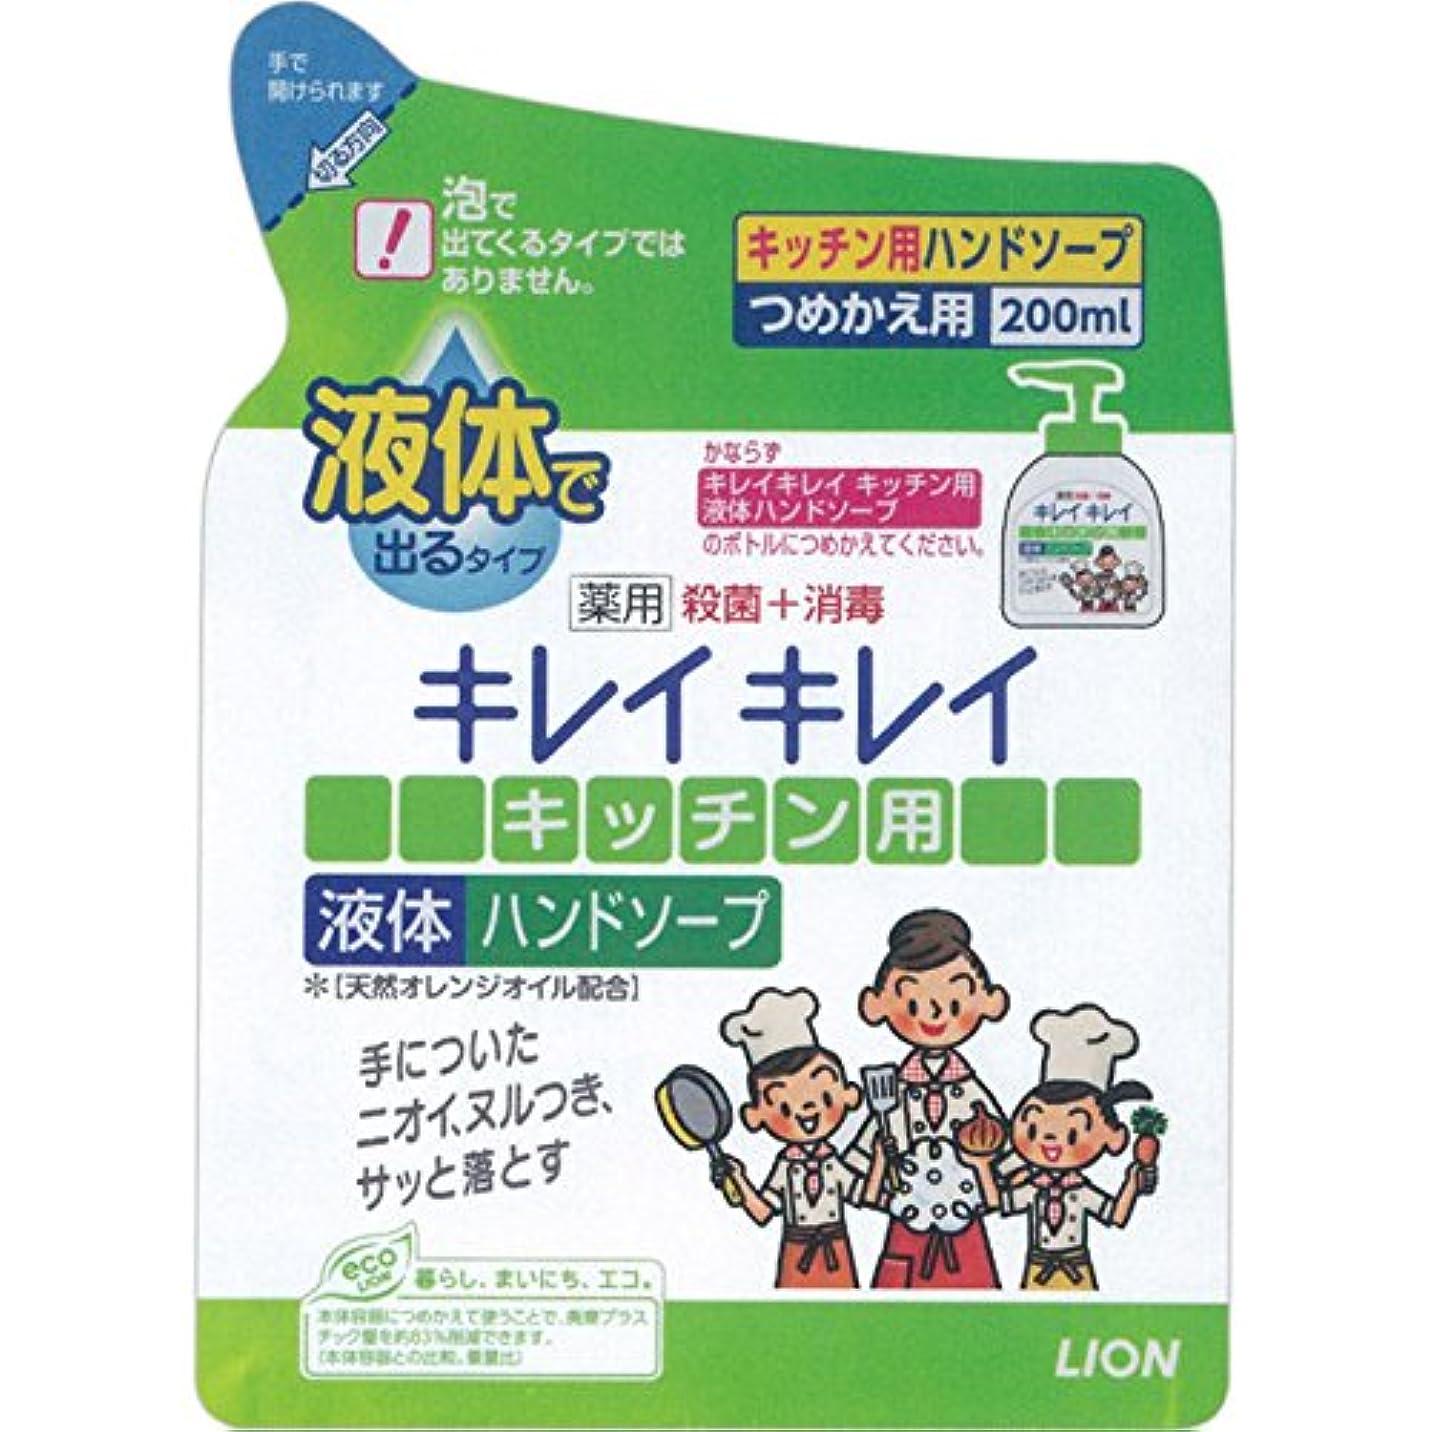 ワゴン嫌い水っぽいキレイキレイ 薬用キッチンハンドソープ 詰替用200ml